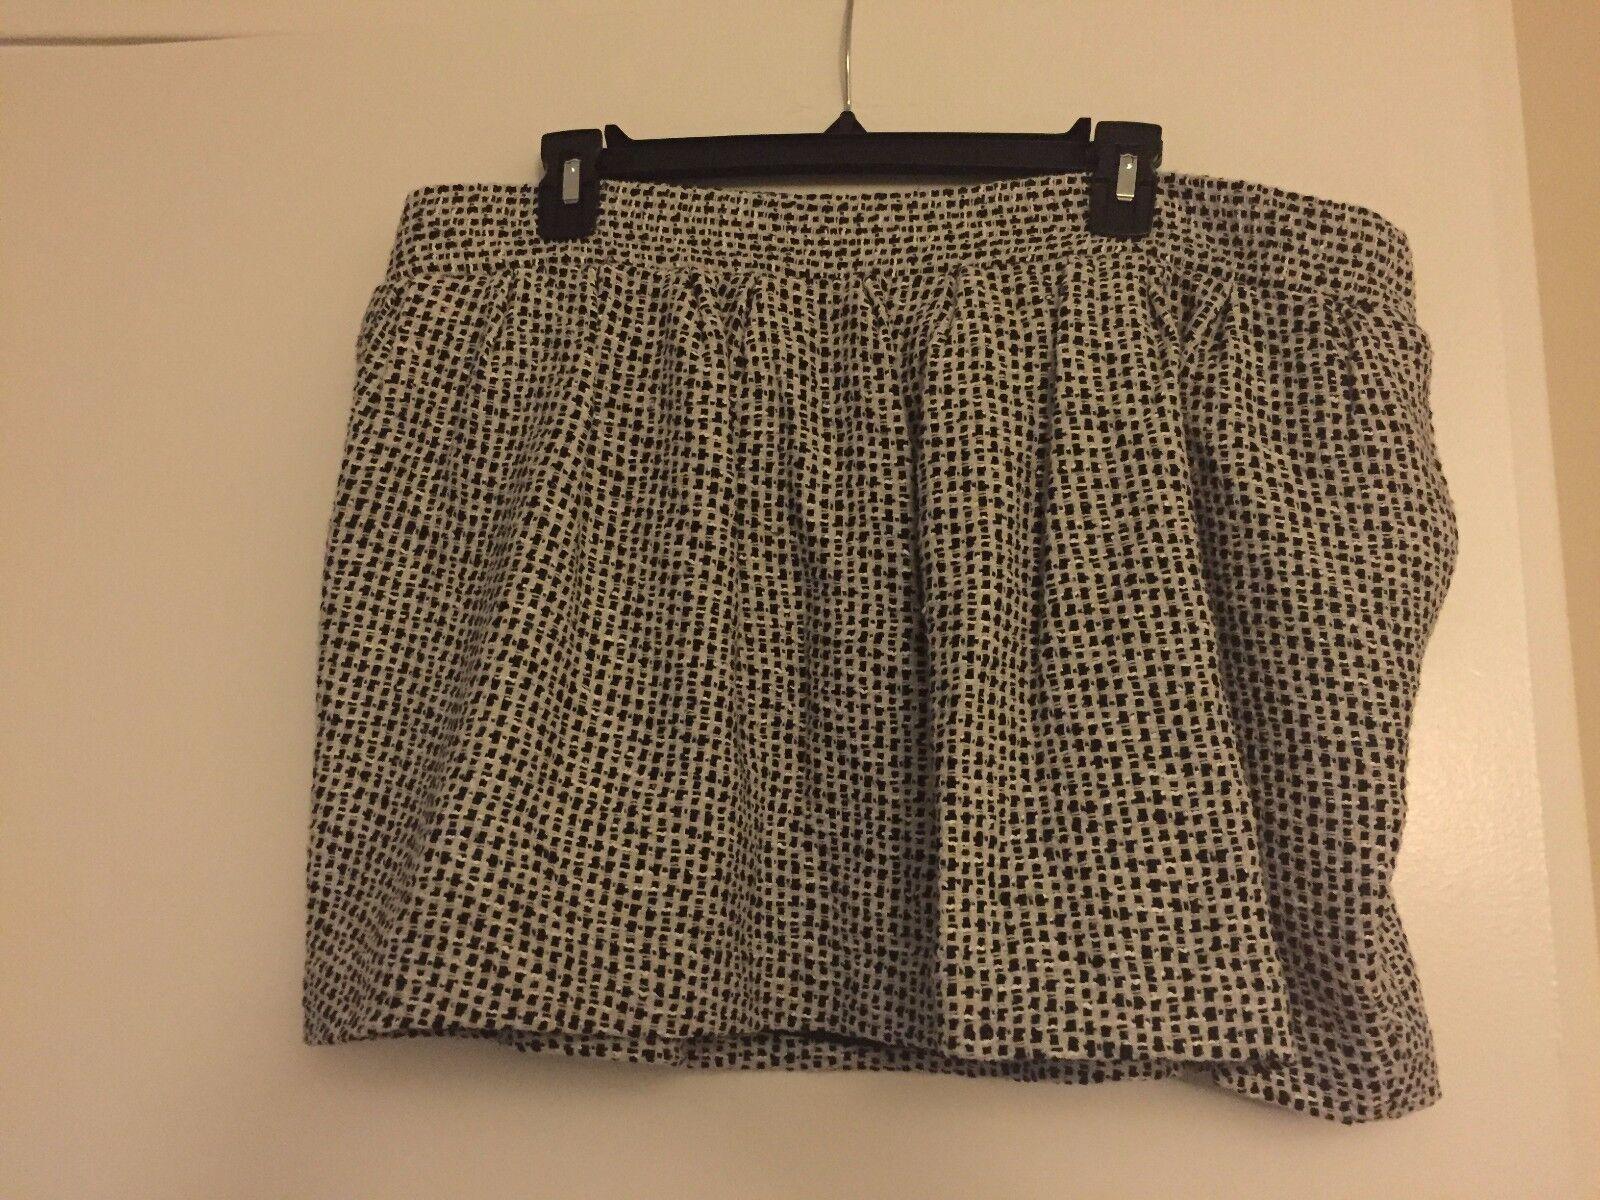 NWT DVF Diane Von Furstenberg Omapink Tweed Mini Skirt  265 – 14